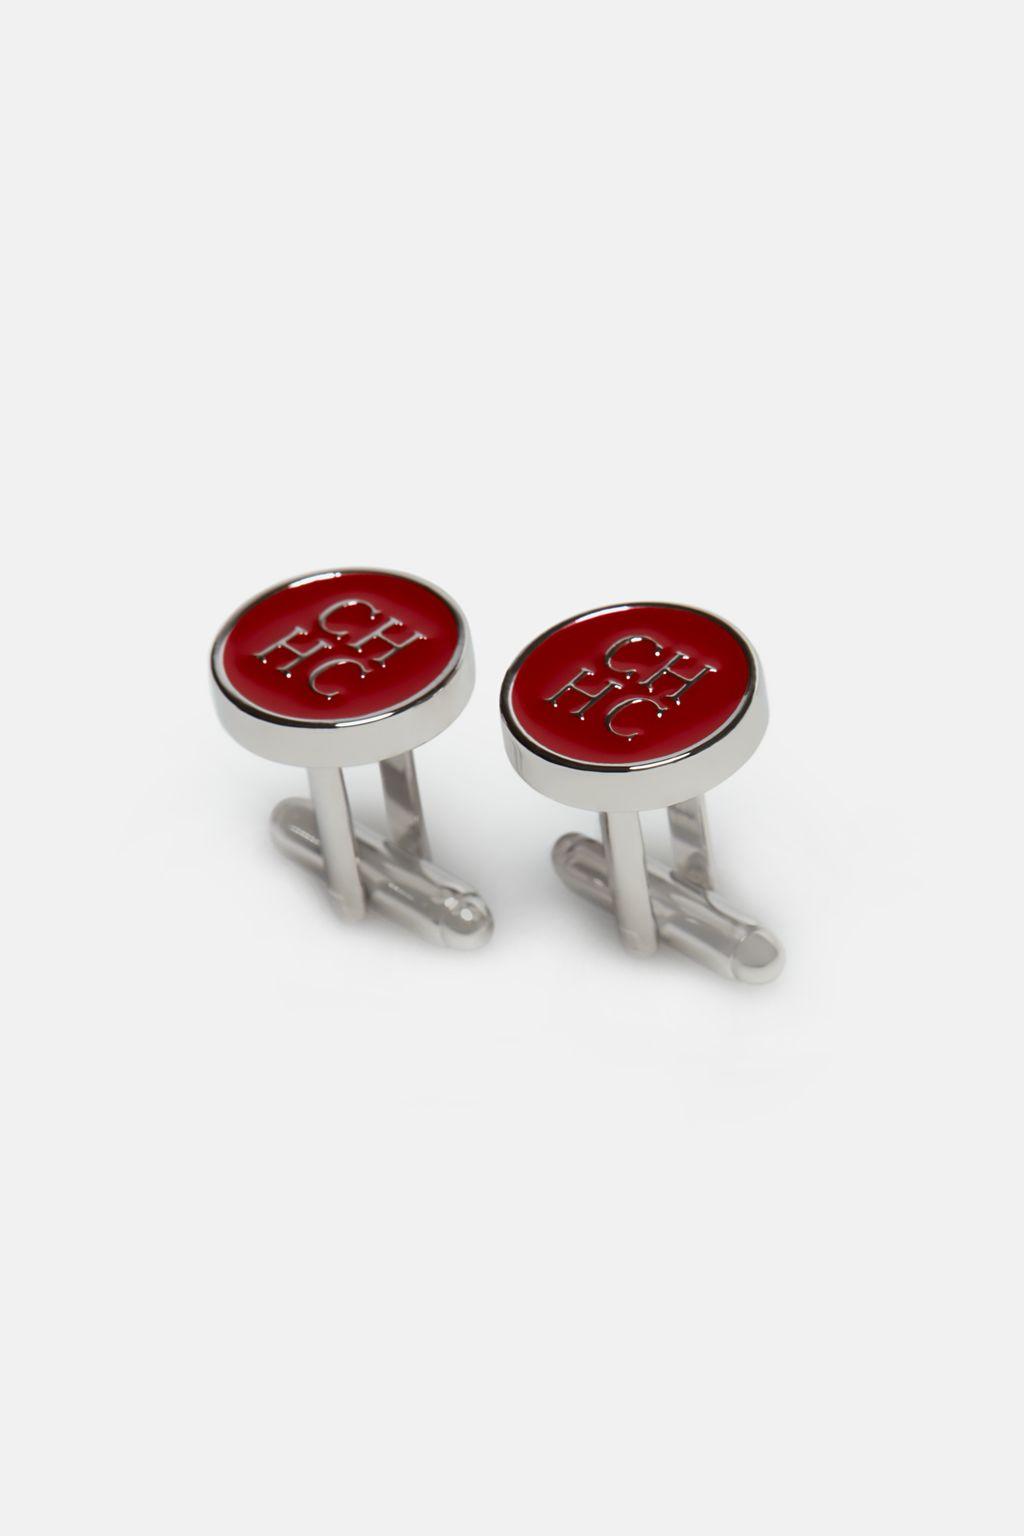 CH enamel cufflinks